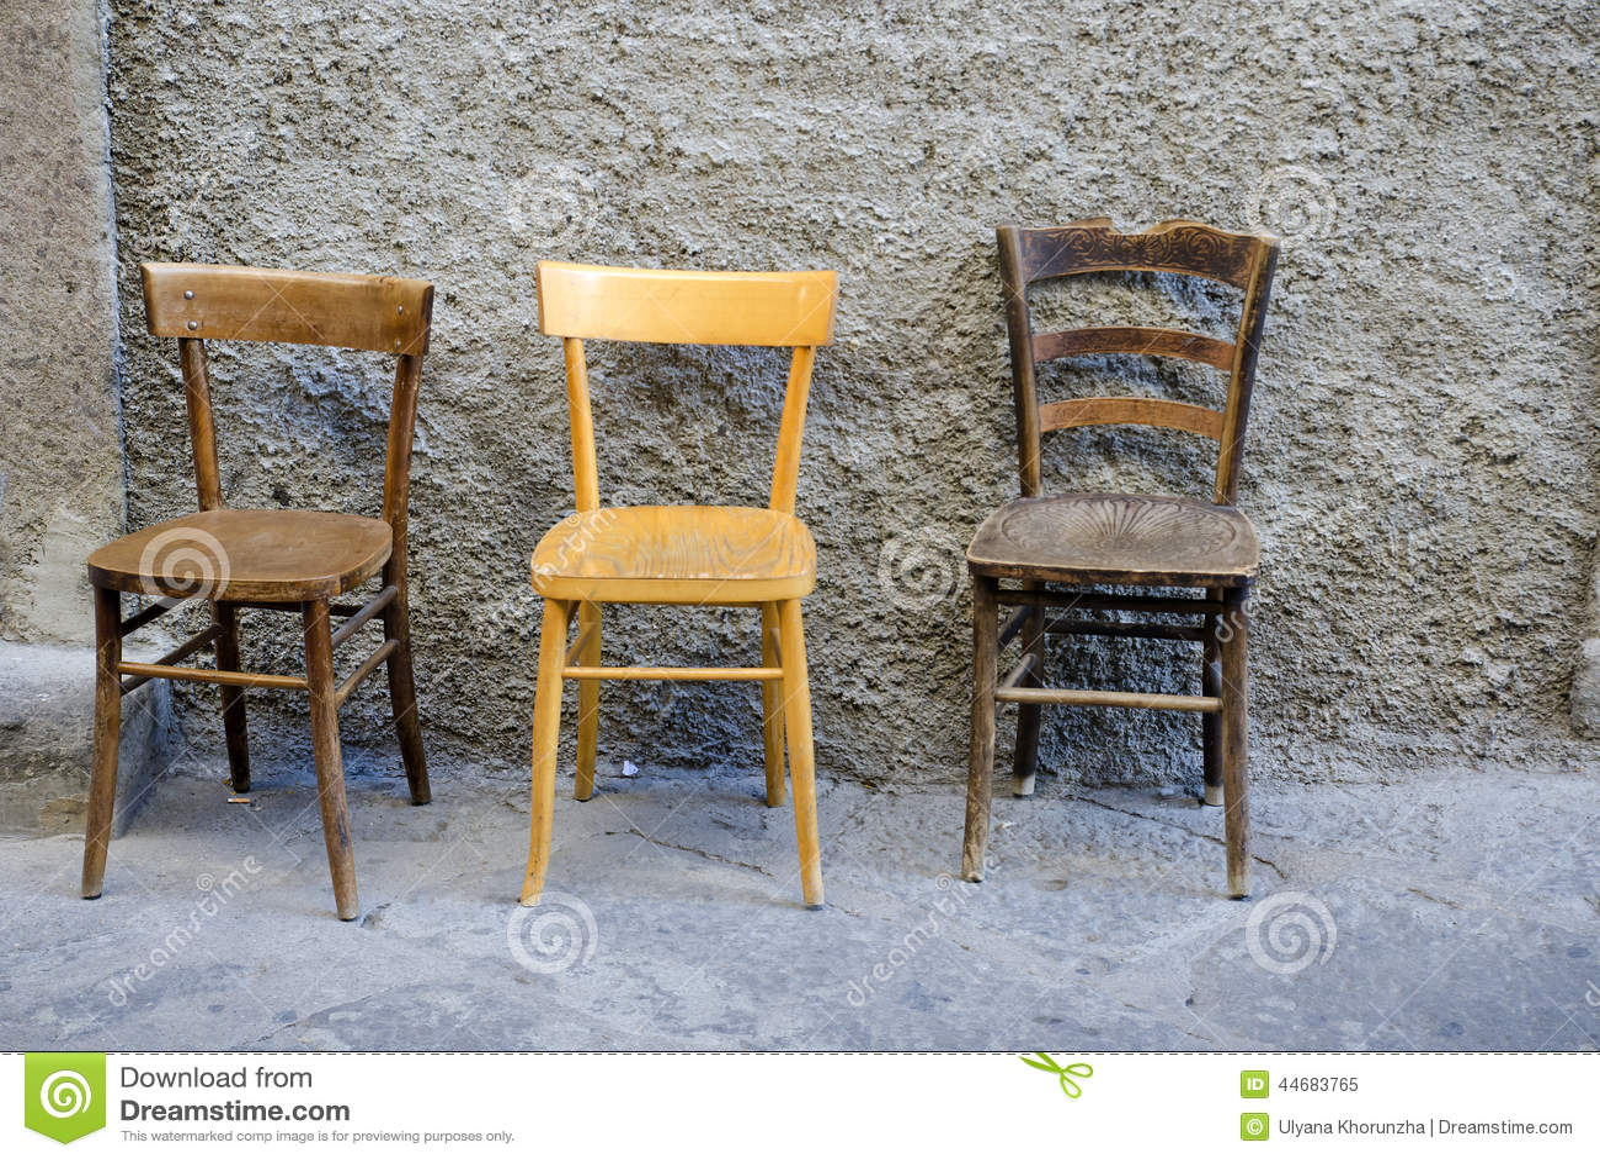 vieilles chaises en bois d 39 arbre image stock image 44683765. Black Bedroom Furniture Sets. Home Design Ideas